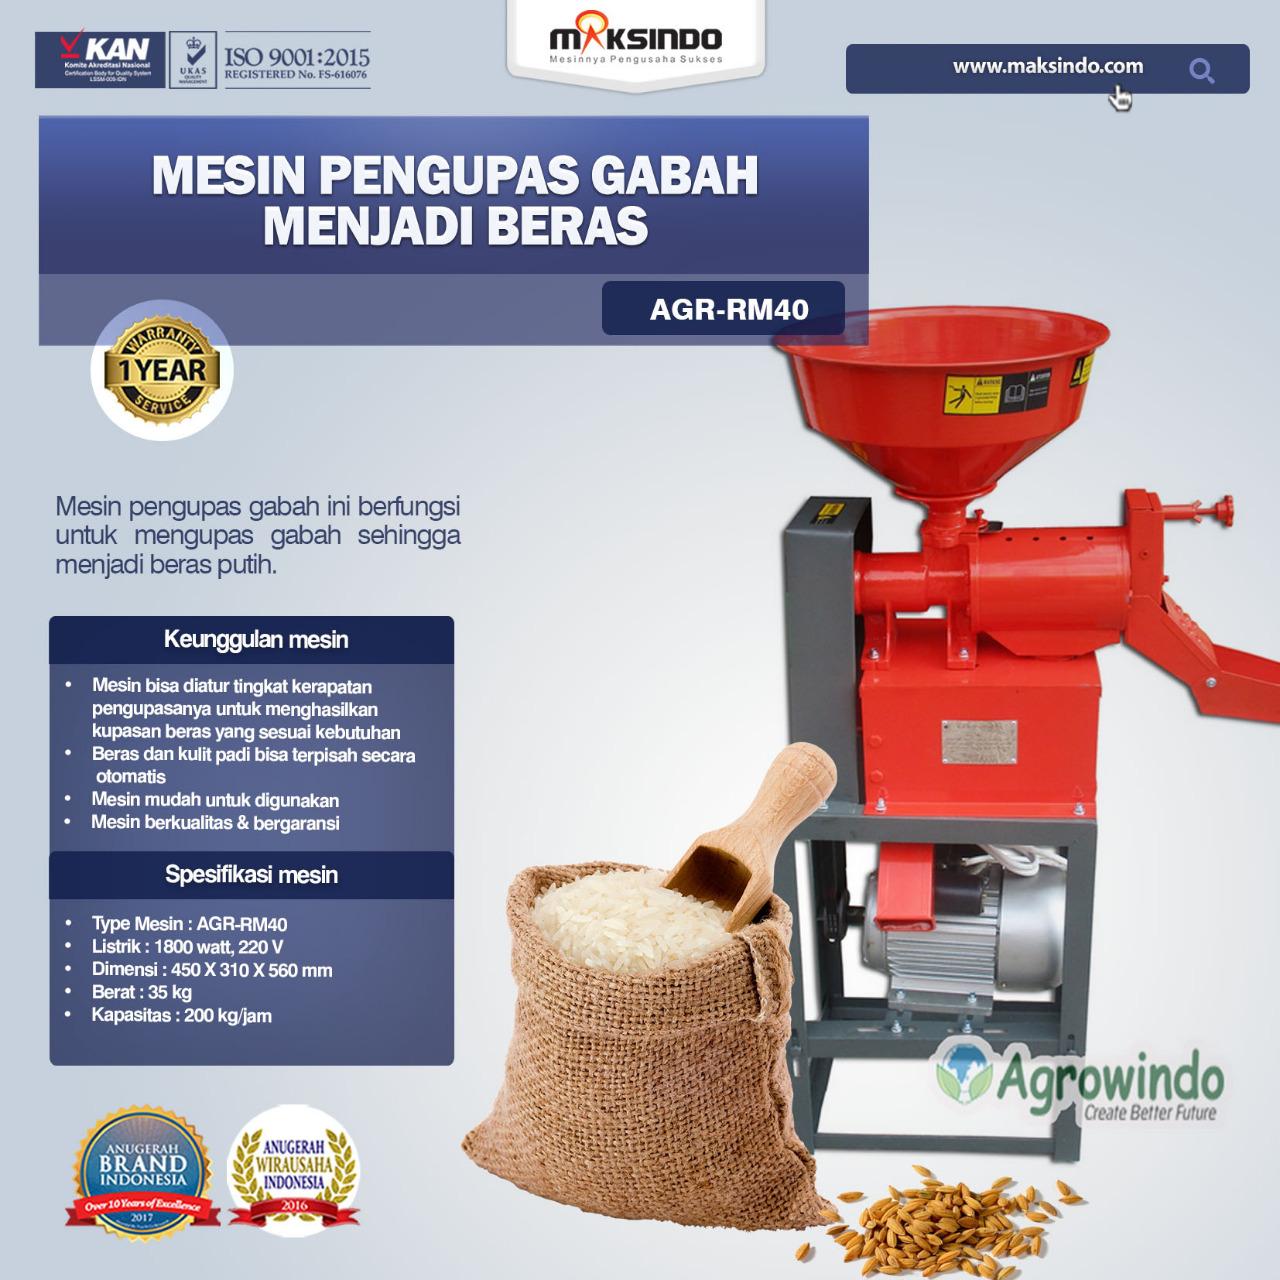 Jual Mesin Rice Huller Mini Pengupas Gabah – Beras AGR-RM40 di Tangerang